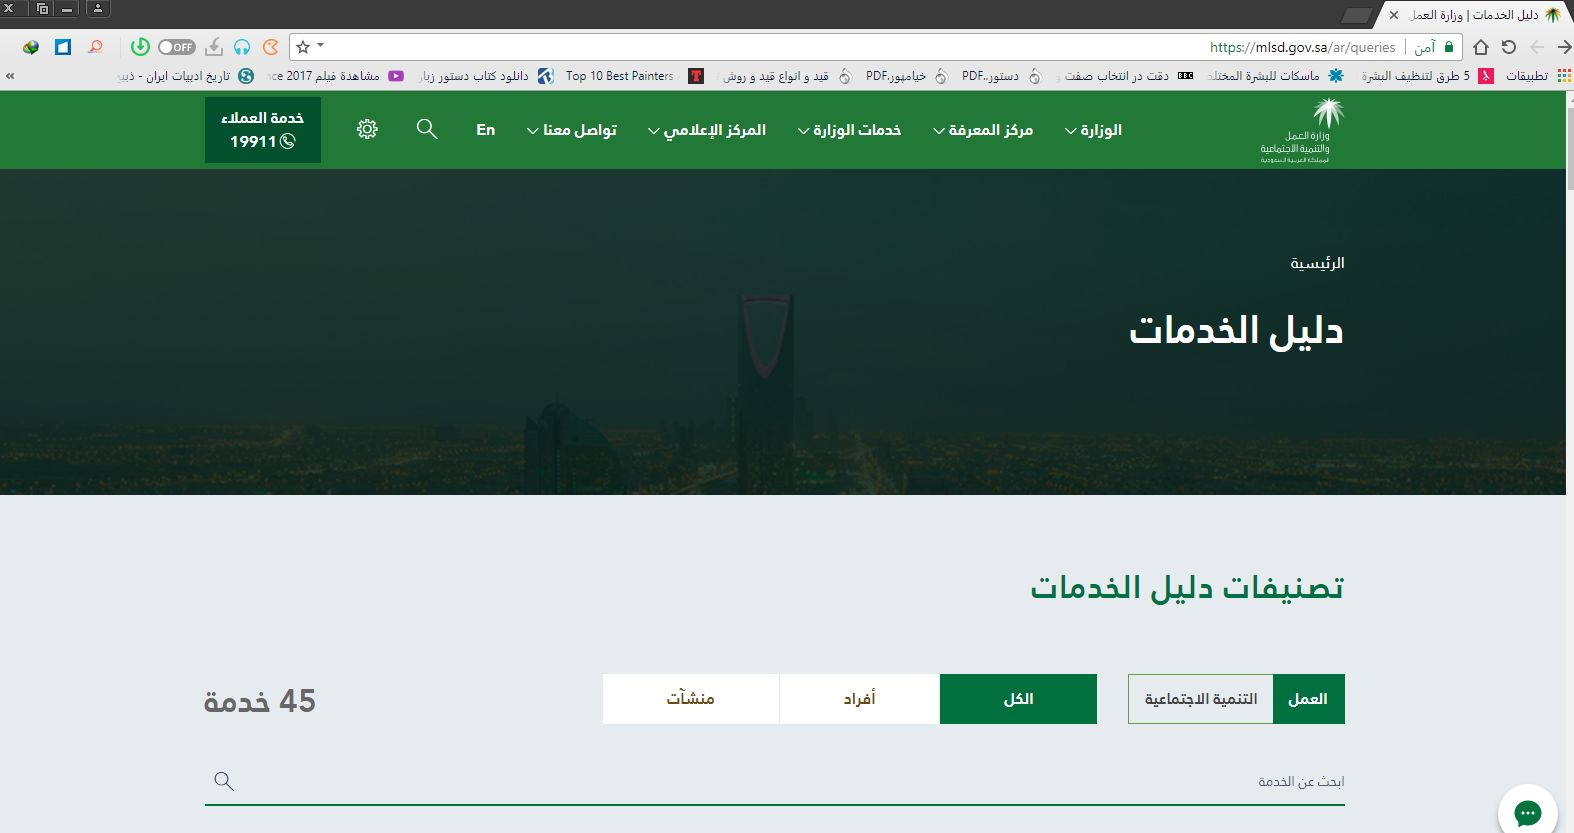 اجراءات شكوى مكتب العمل والعمال السعودي موقع المحامي السعودي